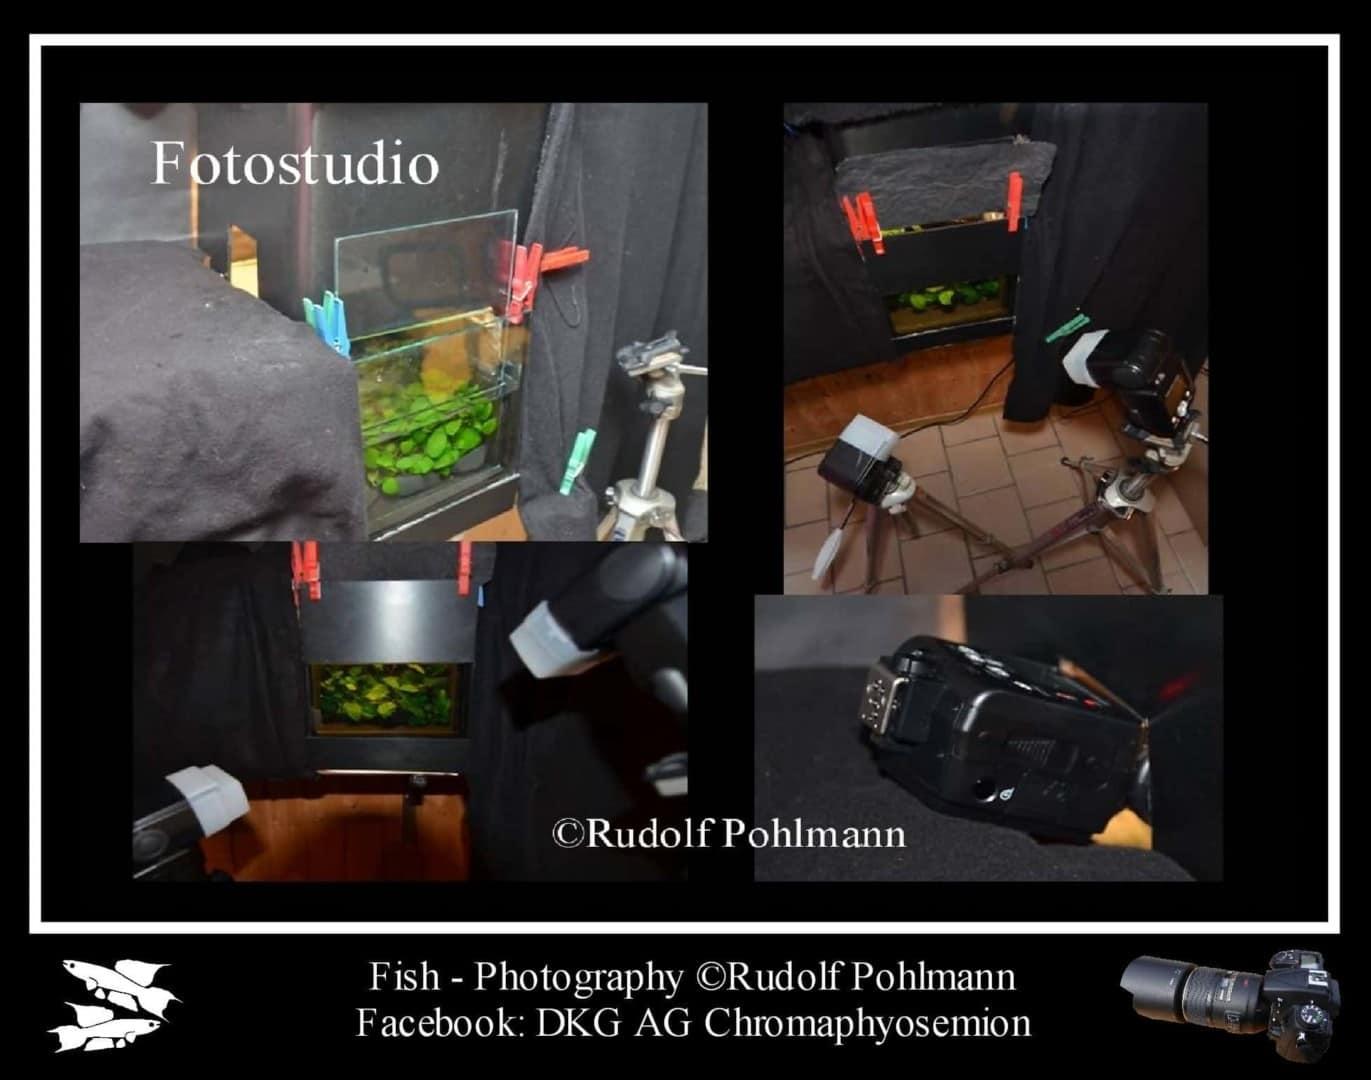 Fotostudio für kleine Fische - Das Fotobecken 2